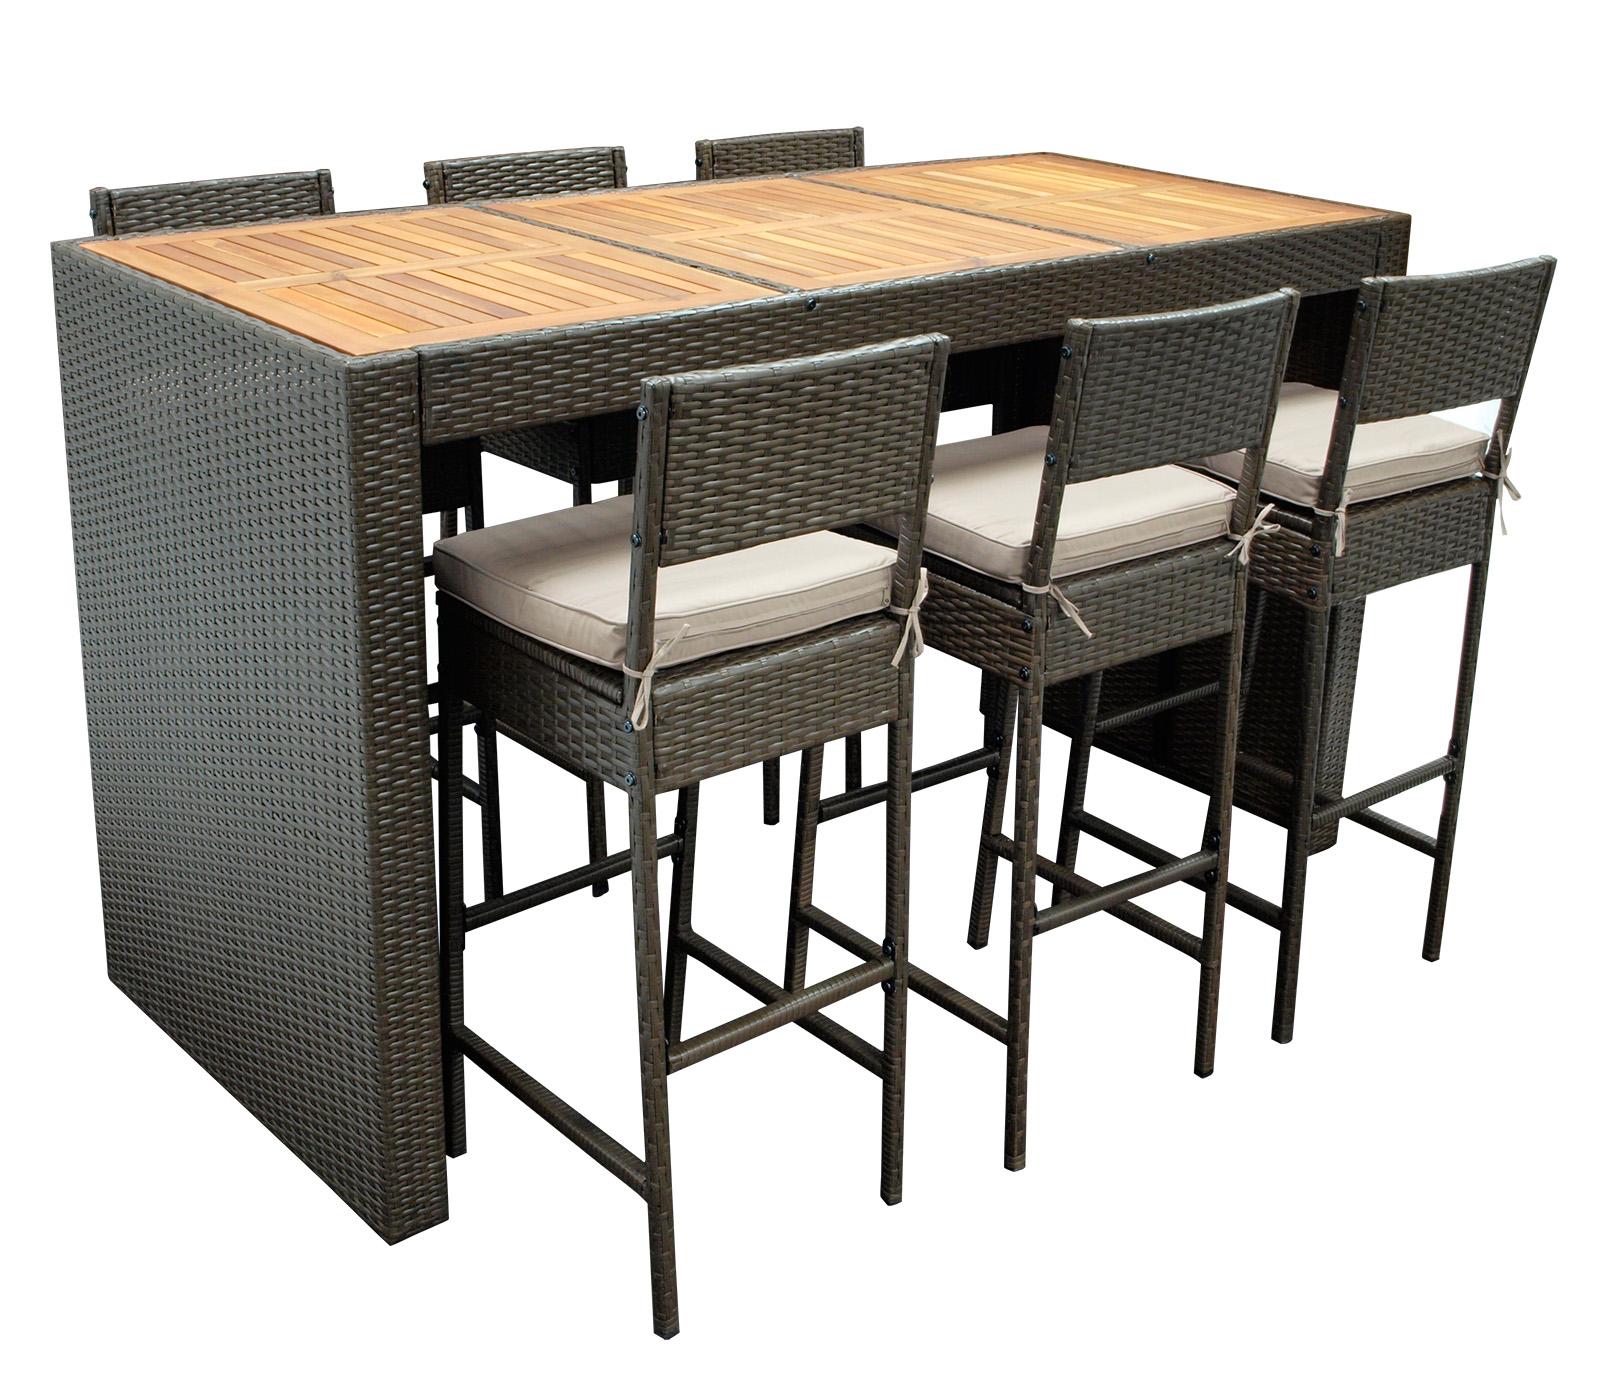 Barset CORTINA 13-teilig, 1x Tisch, 6x Stuhl mit Polster, Geflecht braun